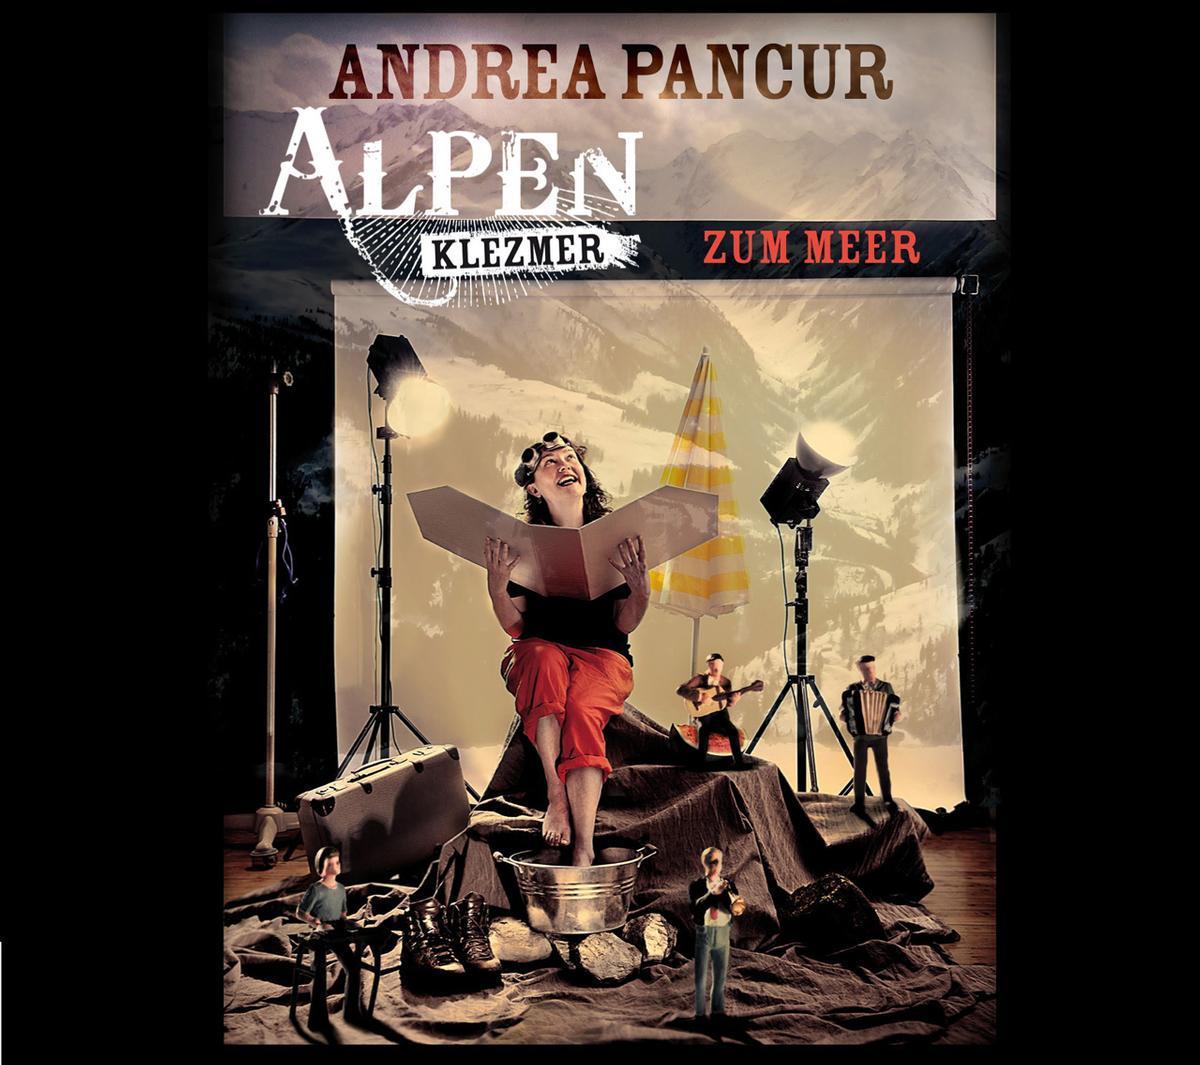 Andrea Pancur | Alpen Klezmer - Zum Meer